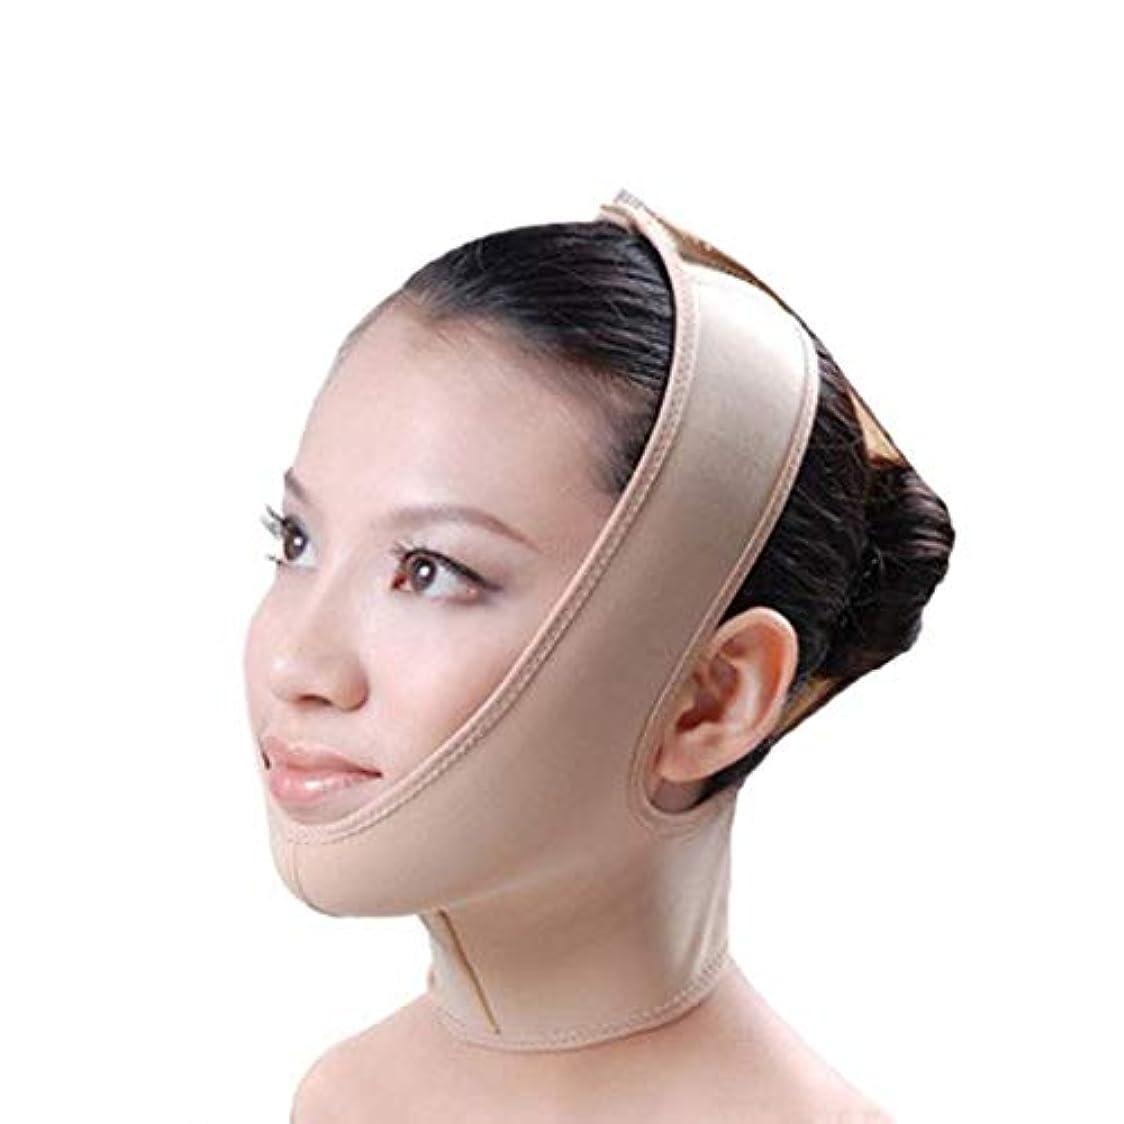 法的酸度手紙を書くフェイススリム、リフティングマスク、包帯リフト、二重あご、引き締めフェイシャルリフト、フェイシャル減量マスク、リフティングスキン包帯(サイズ:XL),M